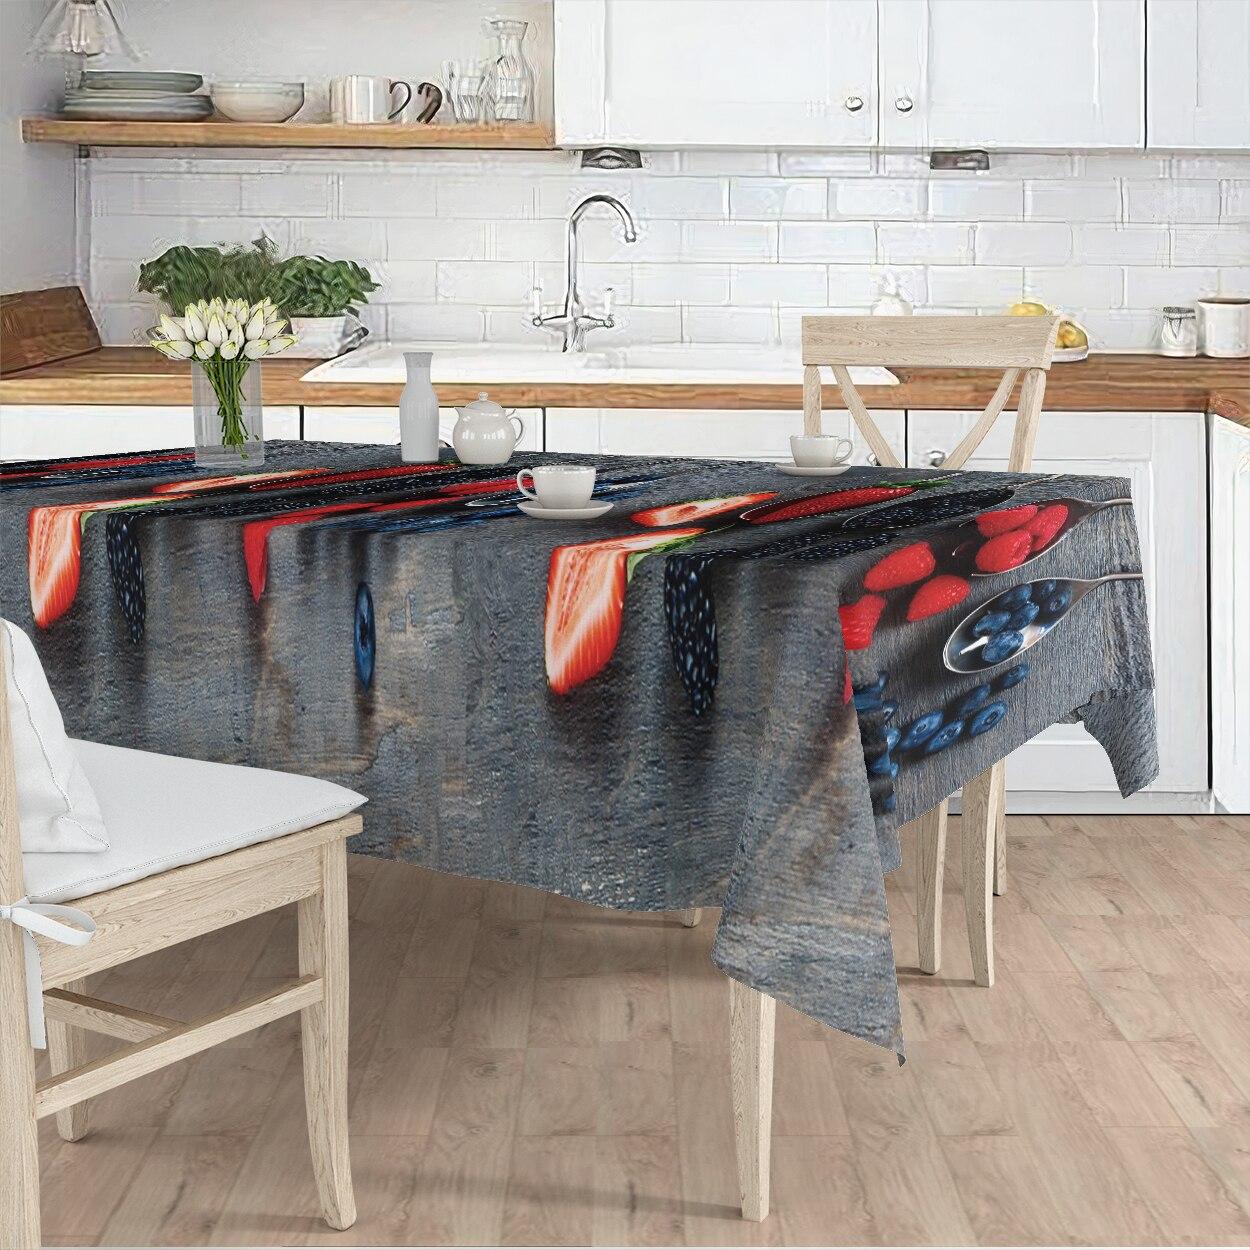 مفرش المائدة غرفة المعيشة المطبخ رمادي الفاكهة الفراولة نمط مايكرو غطاء من القماش عداء نمط شحن مجاني